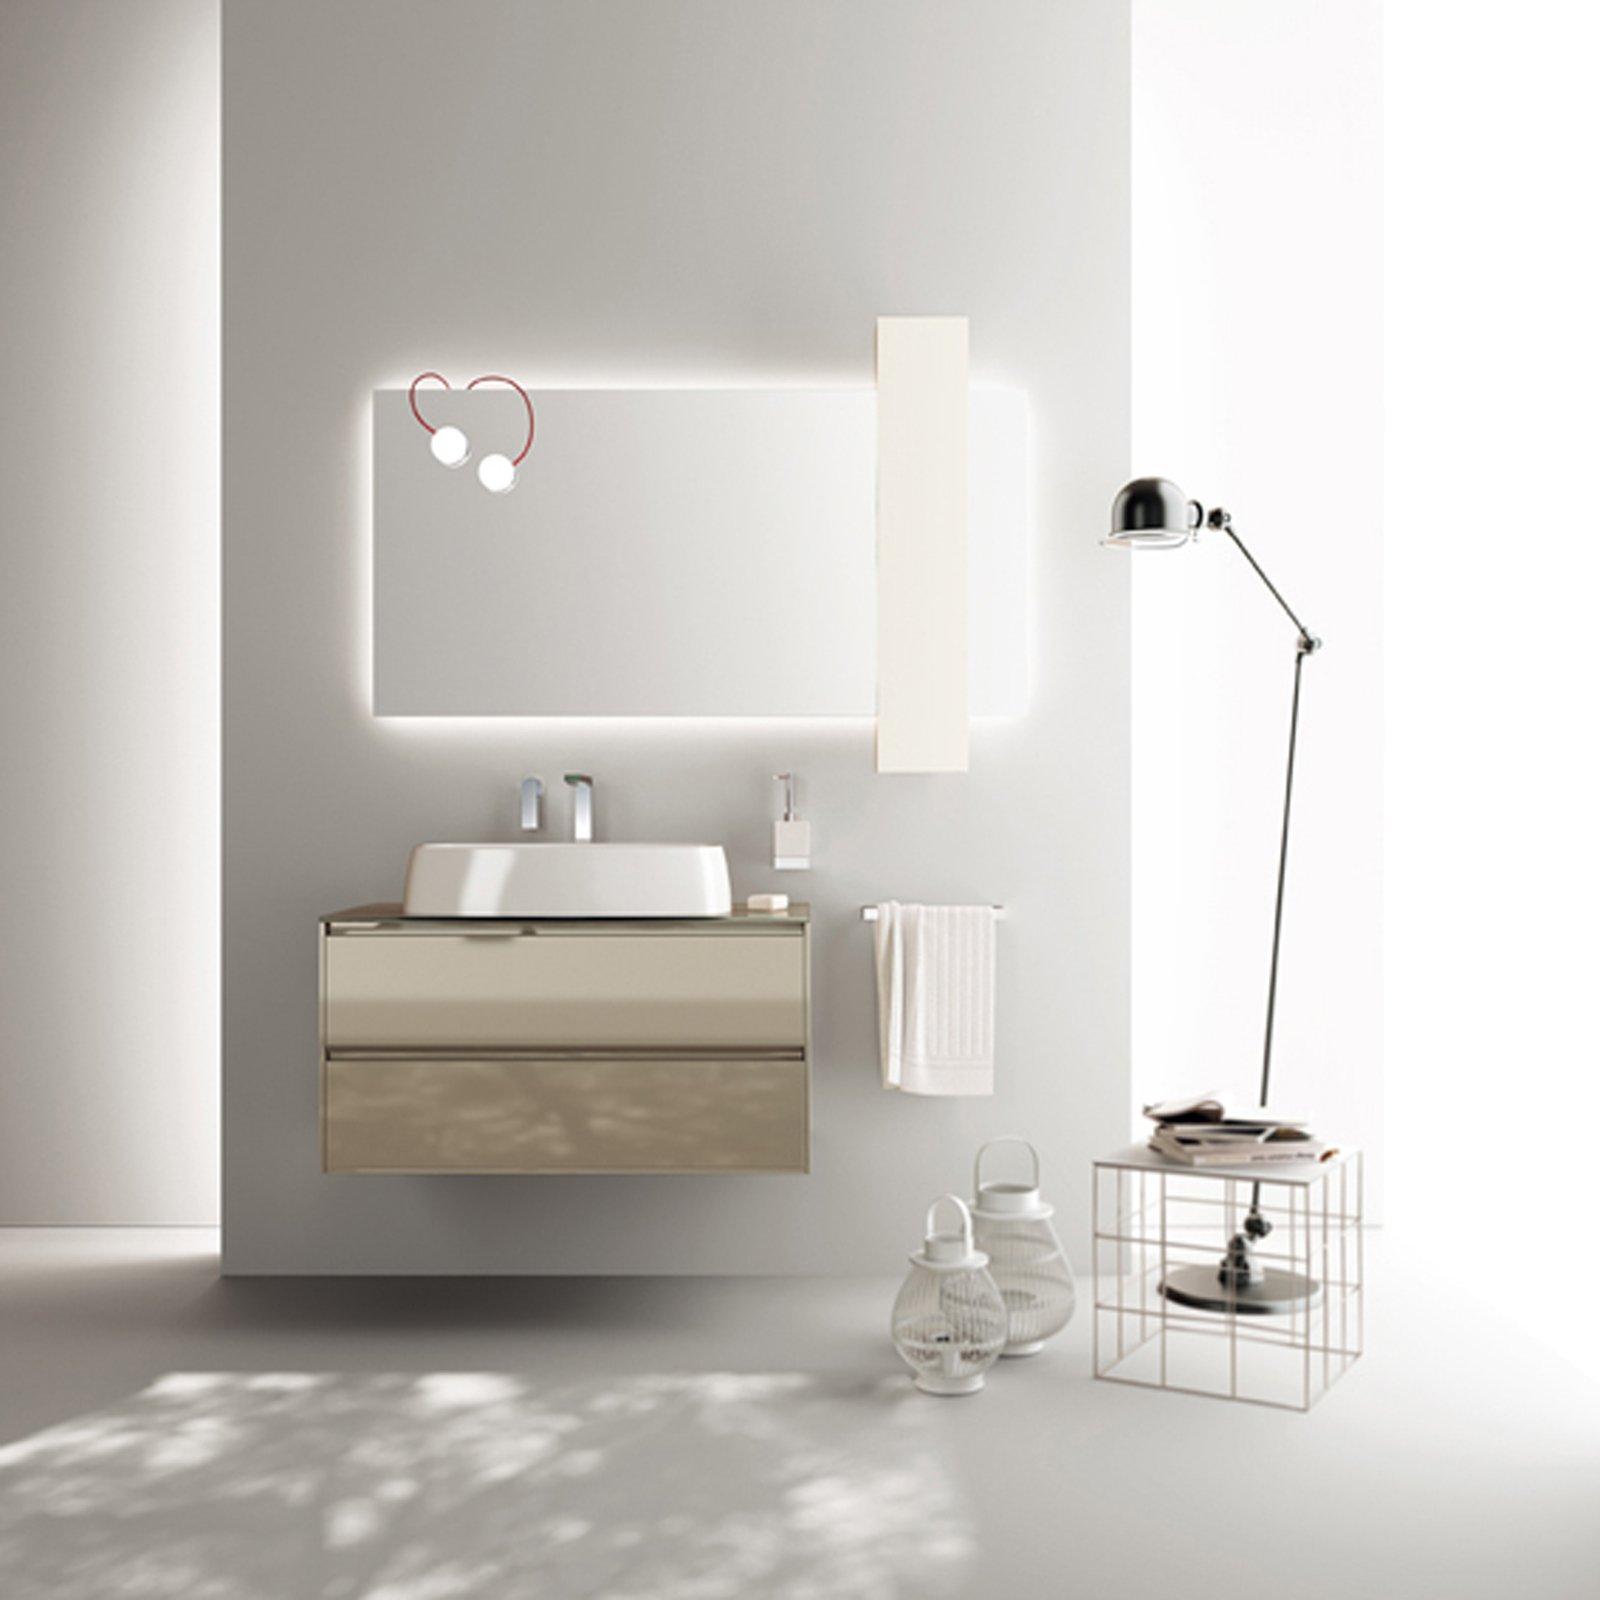 Specchi sopra il lavabo cose di casa - Lampade da specchio ...